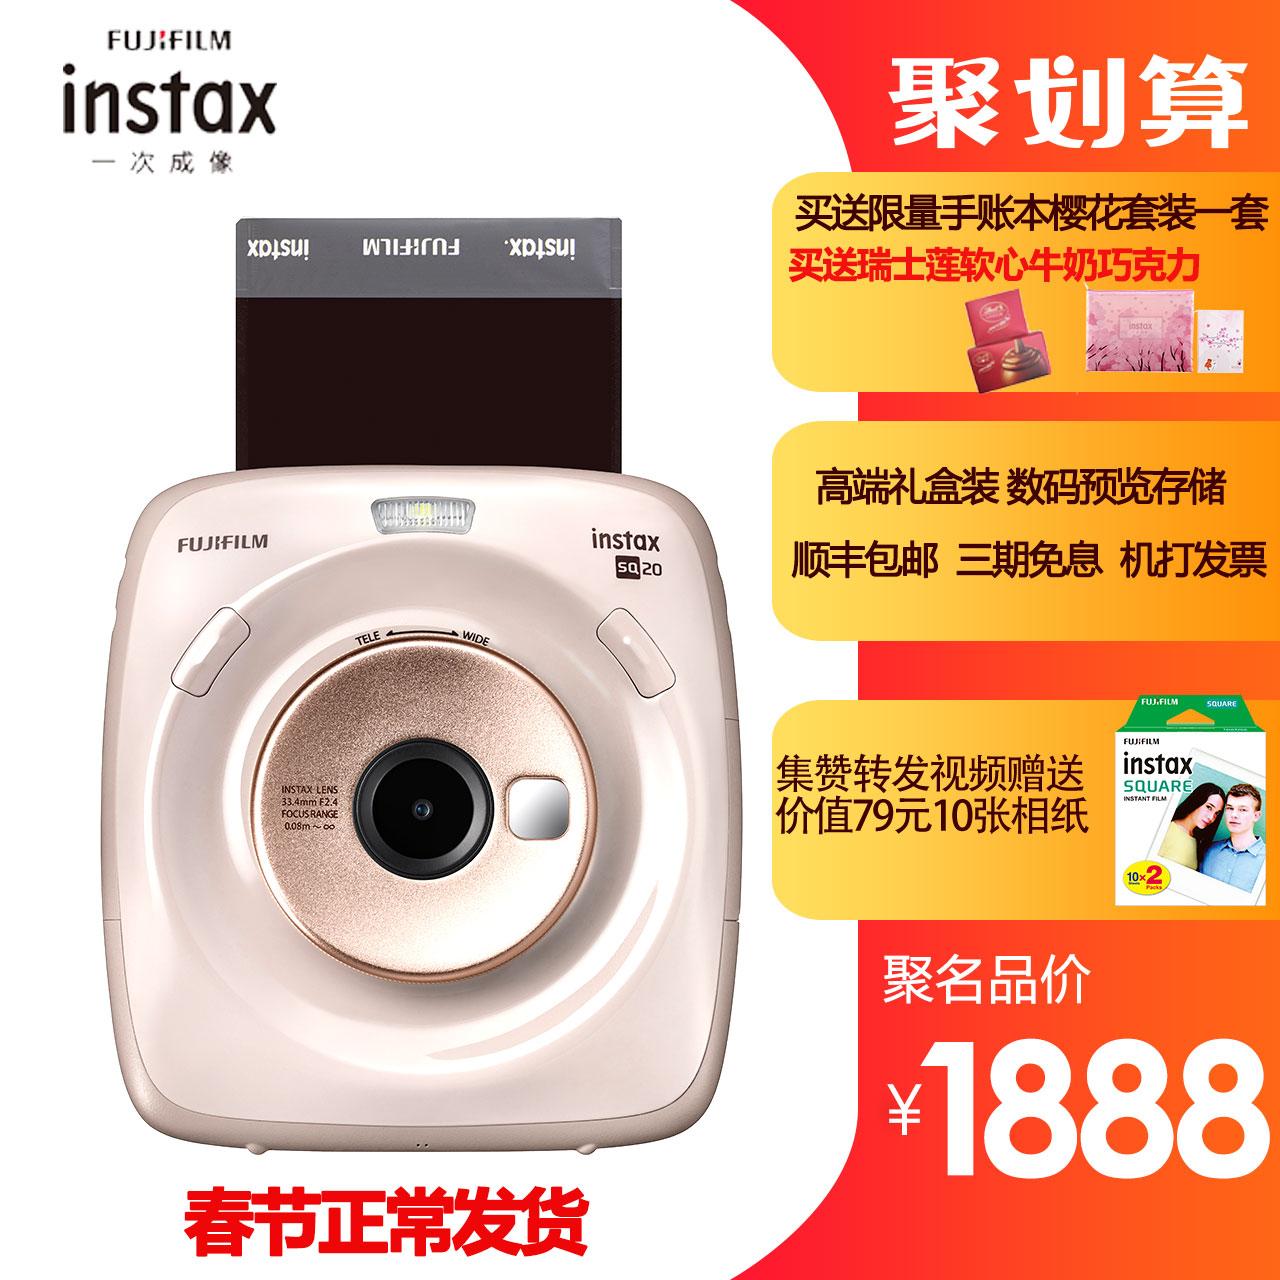 富士instax SQ20数码预览含拍立得相纸sq10/6mini90升级方形相机